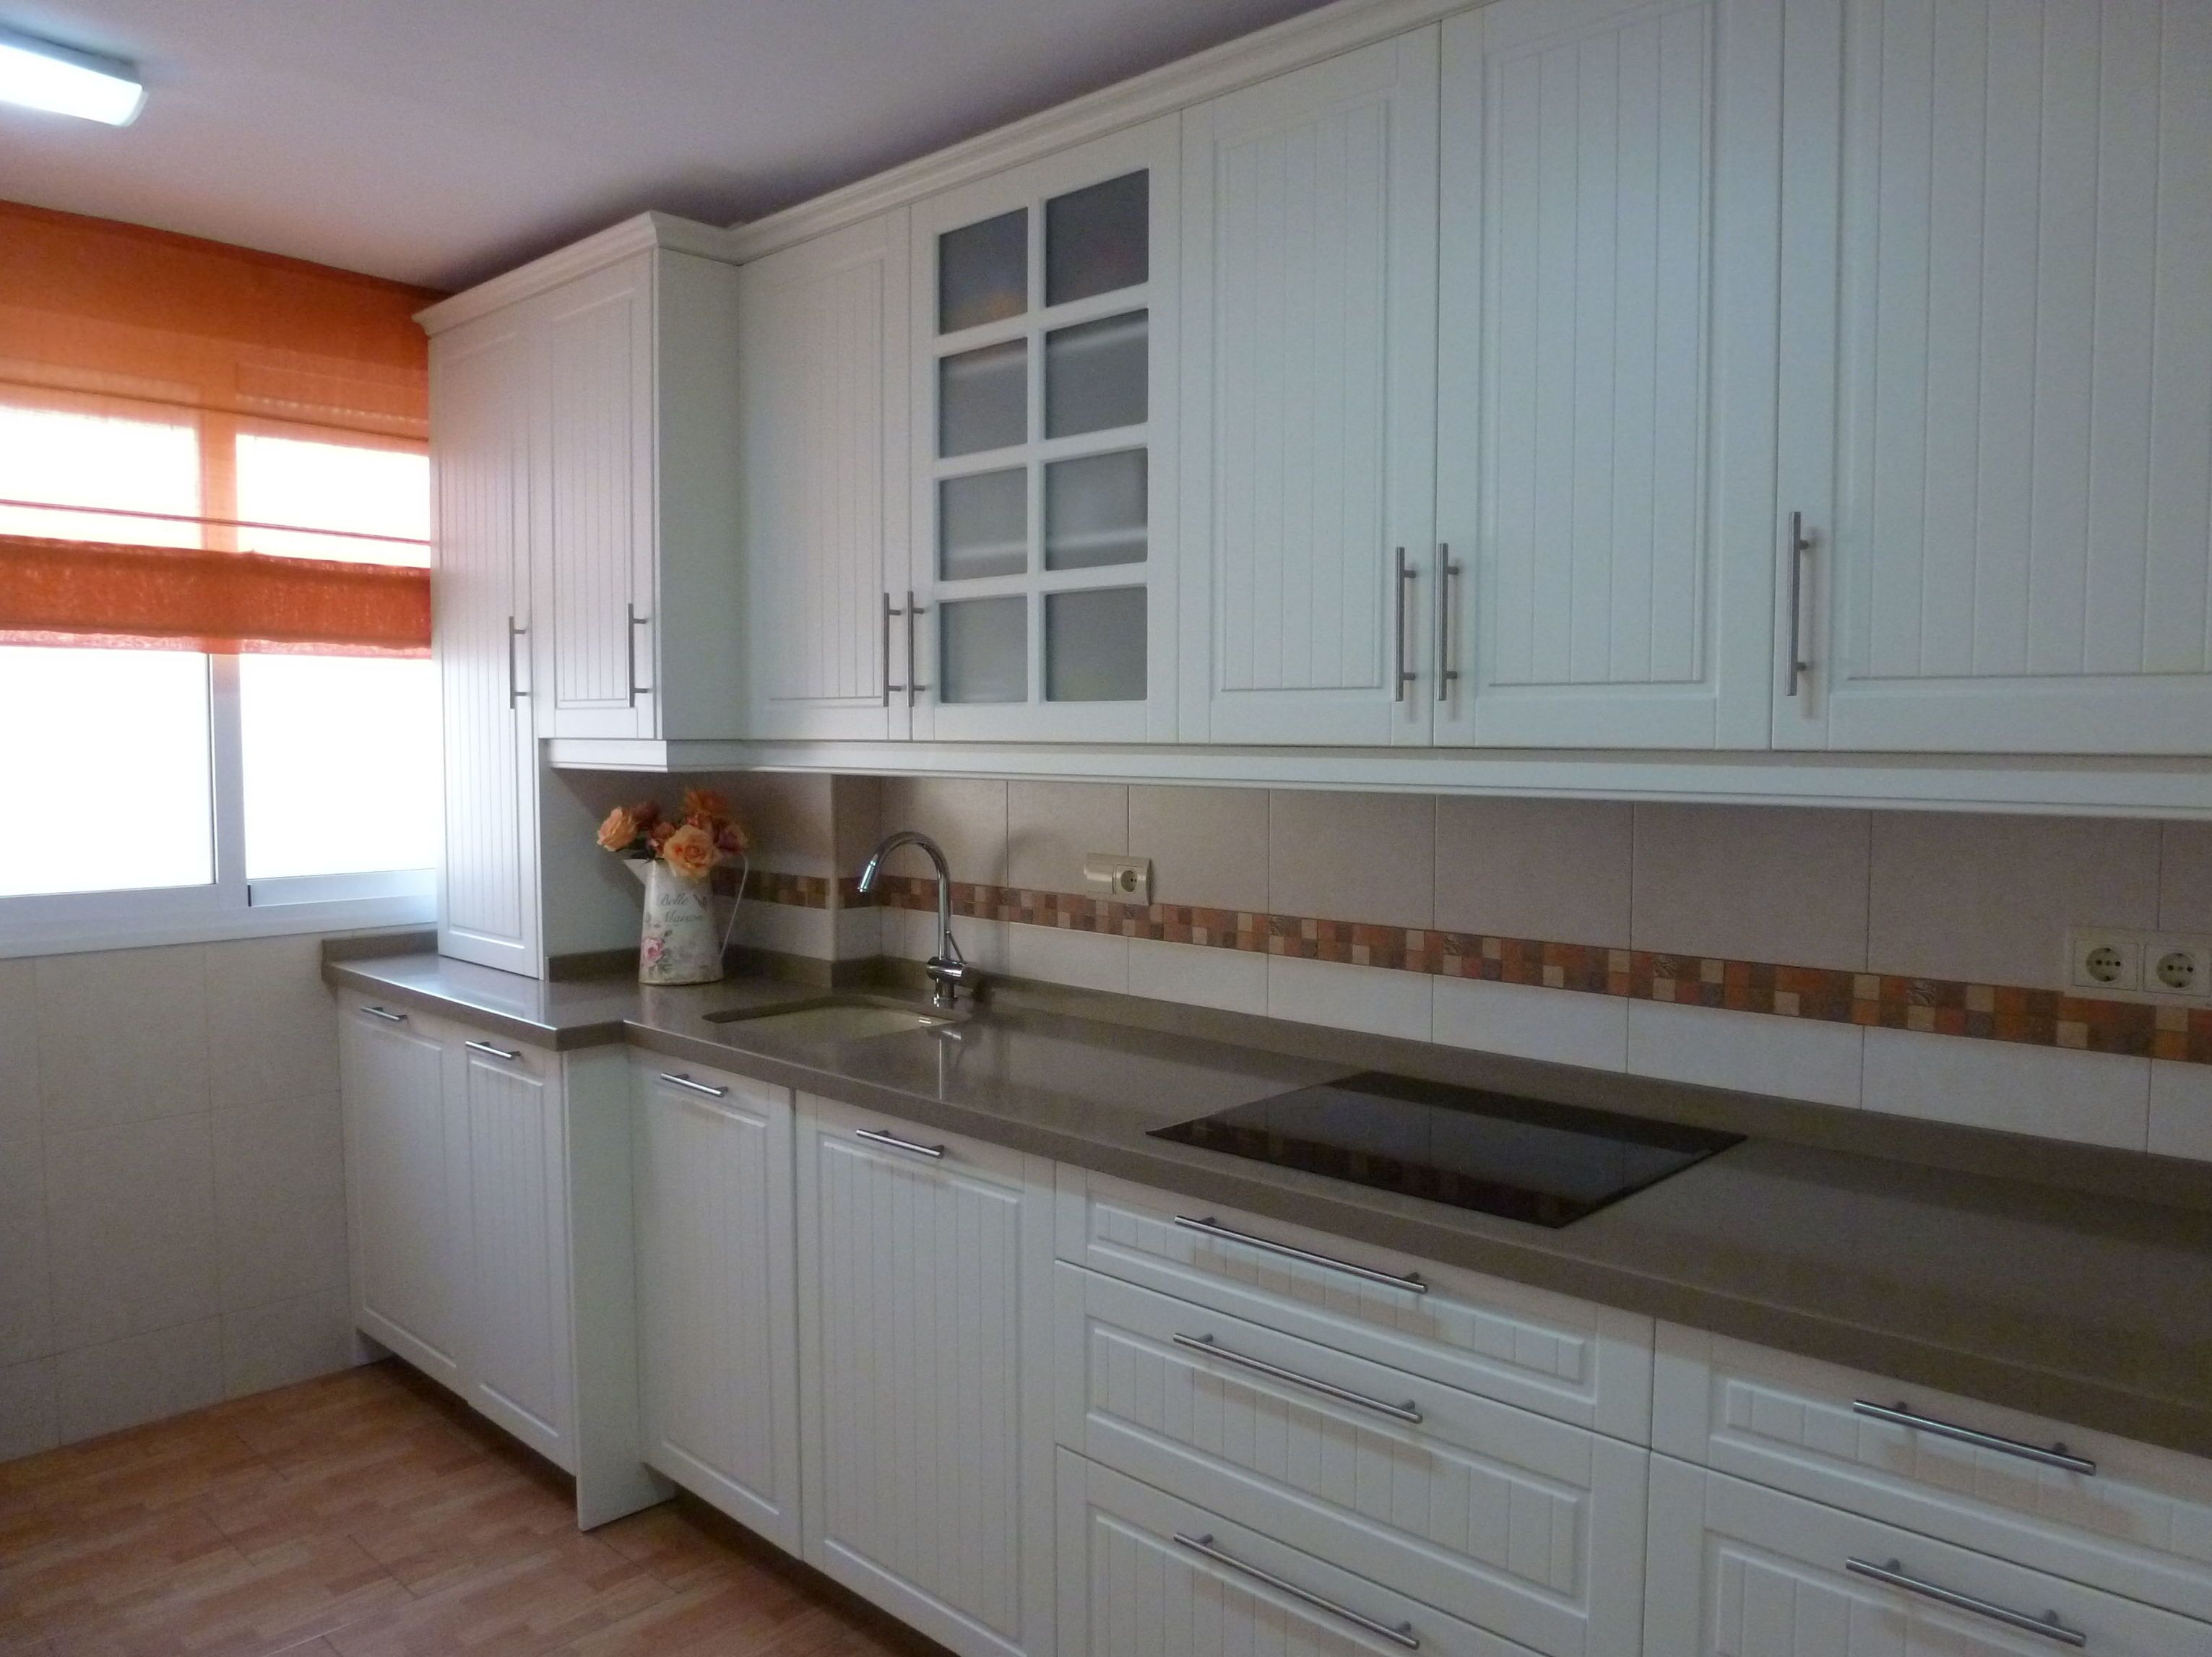 Muebles Cocina A Medida Malaga : Muebles de cocina en m?laga mar jim?nez dise?o cocinas